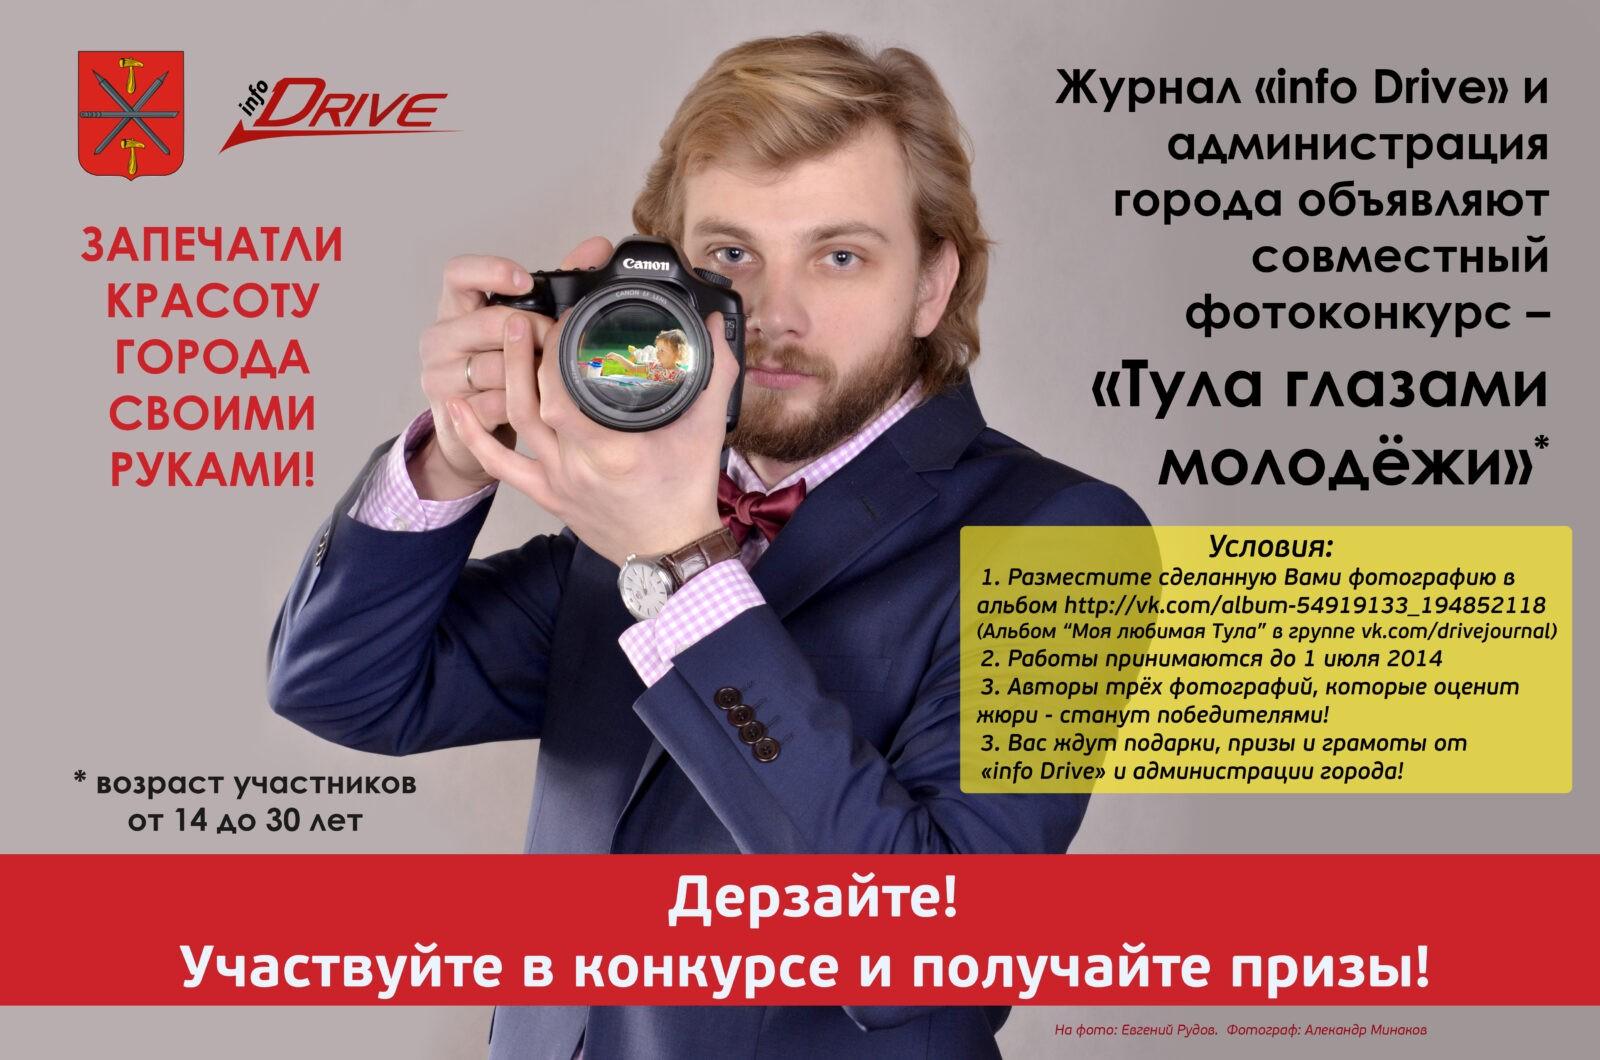 Интересные фотоконкурсы правила участия